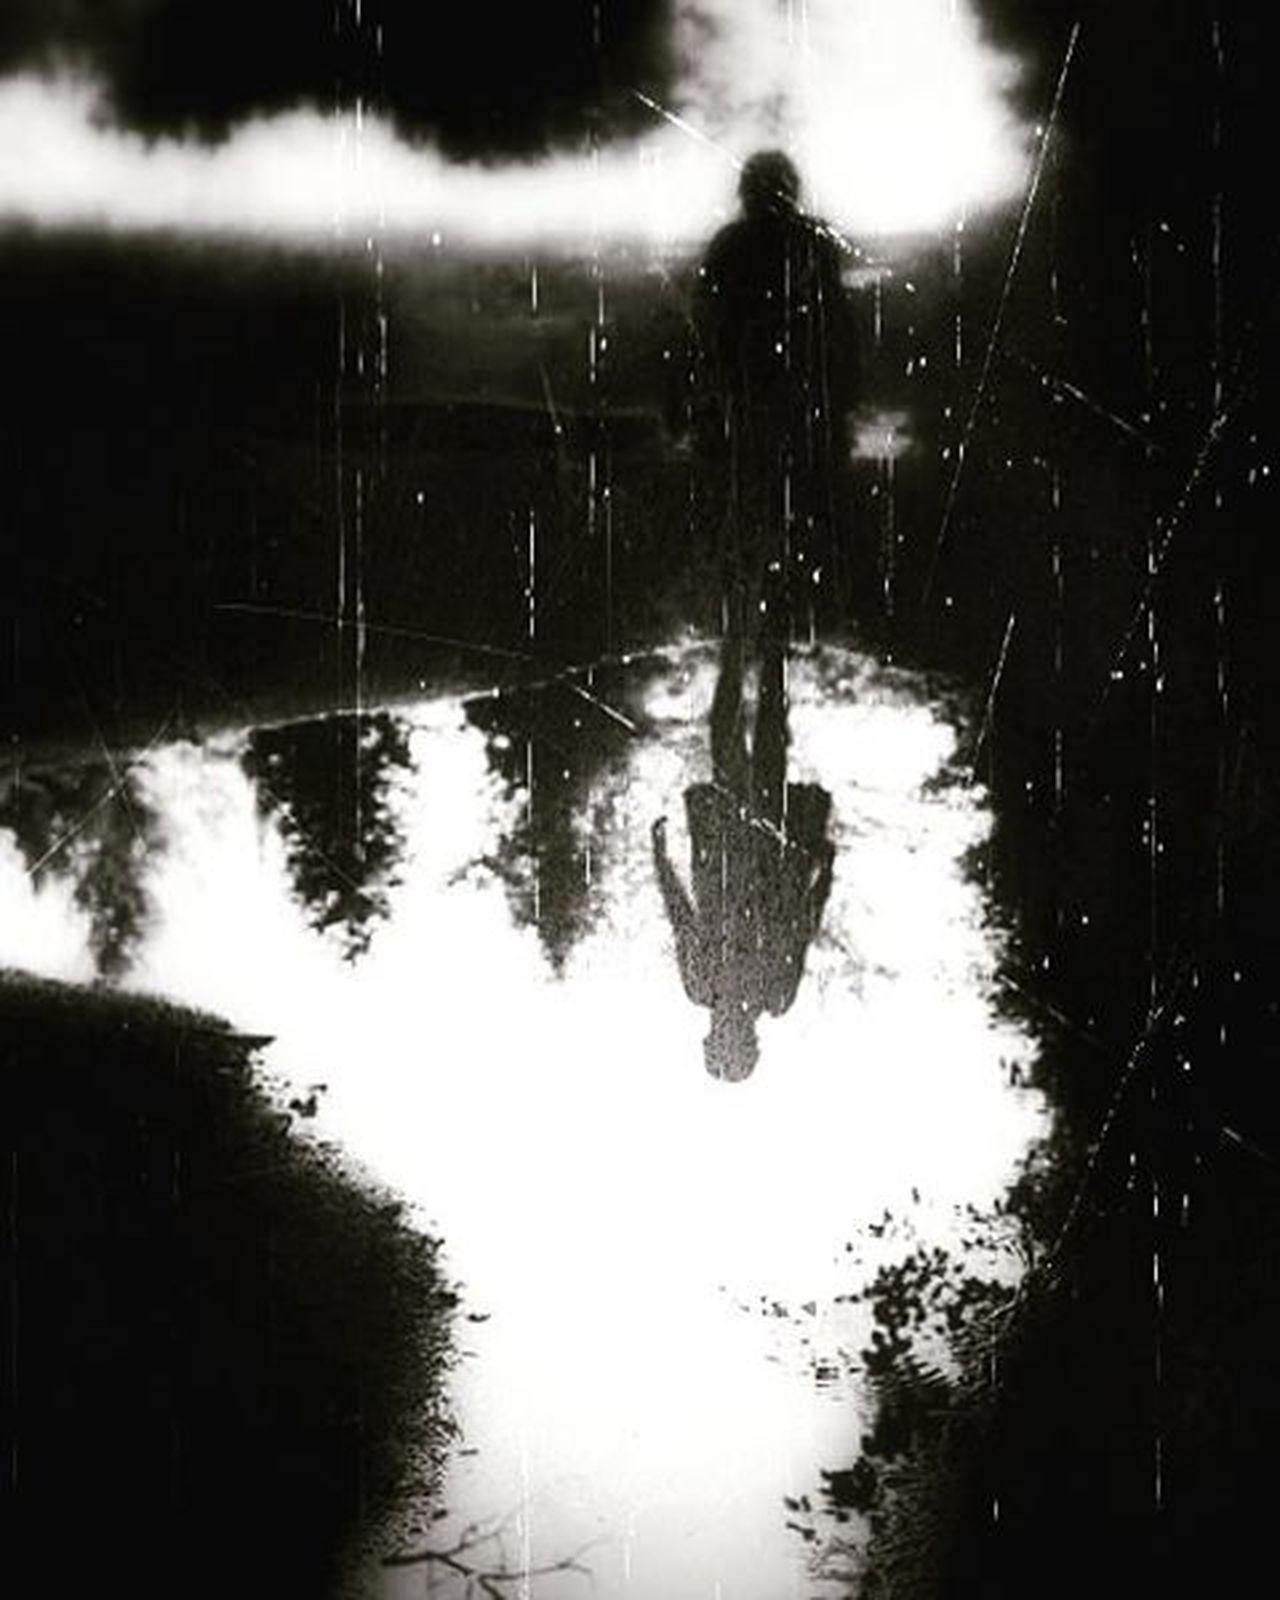 Conceptualphotography Conceptual Darkmornings _insomnia_